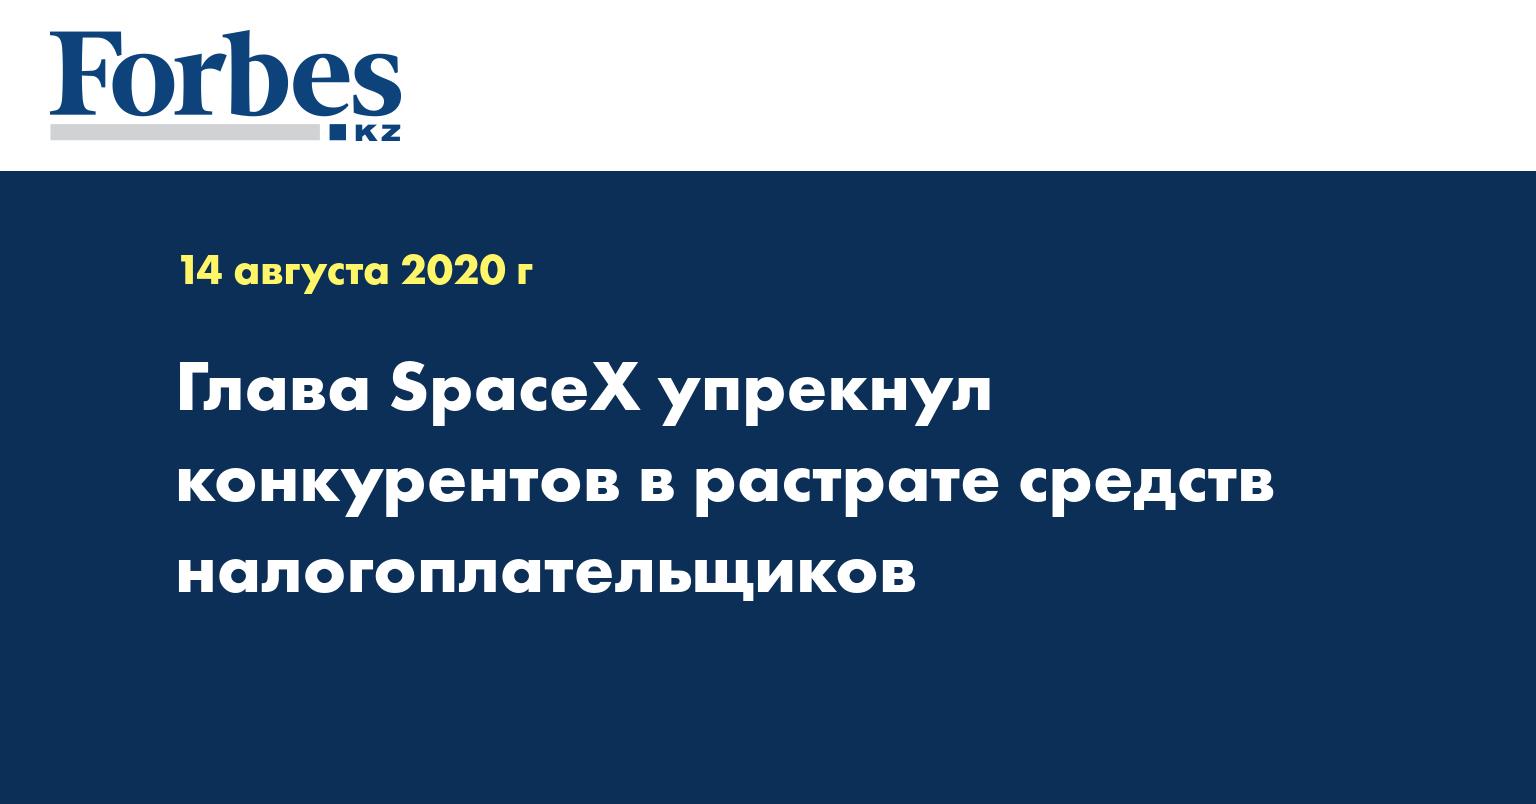 Глава SpaceX упрекнул конкурентов в растрате средств налогоплательщиков